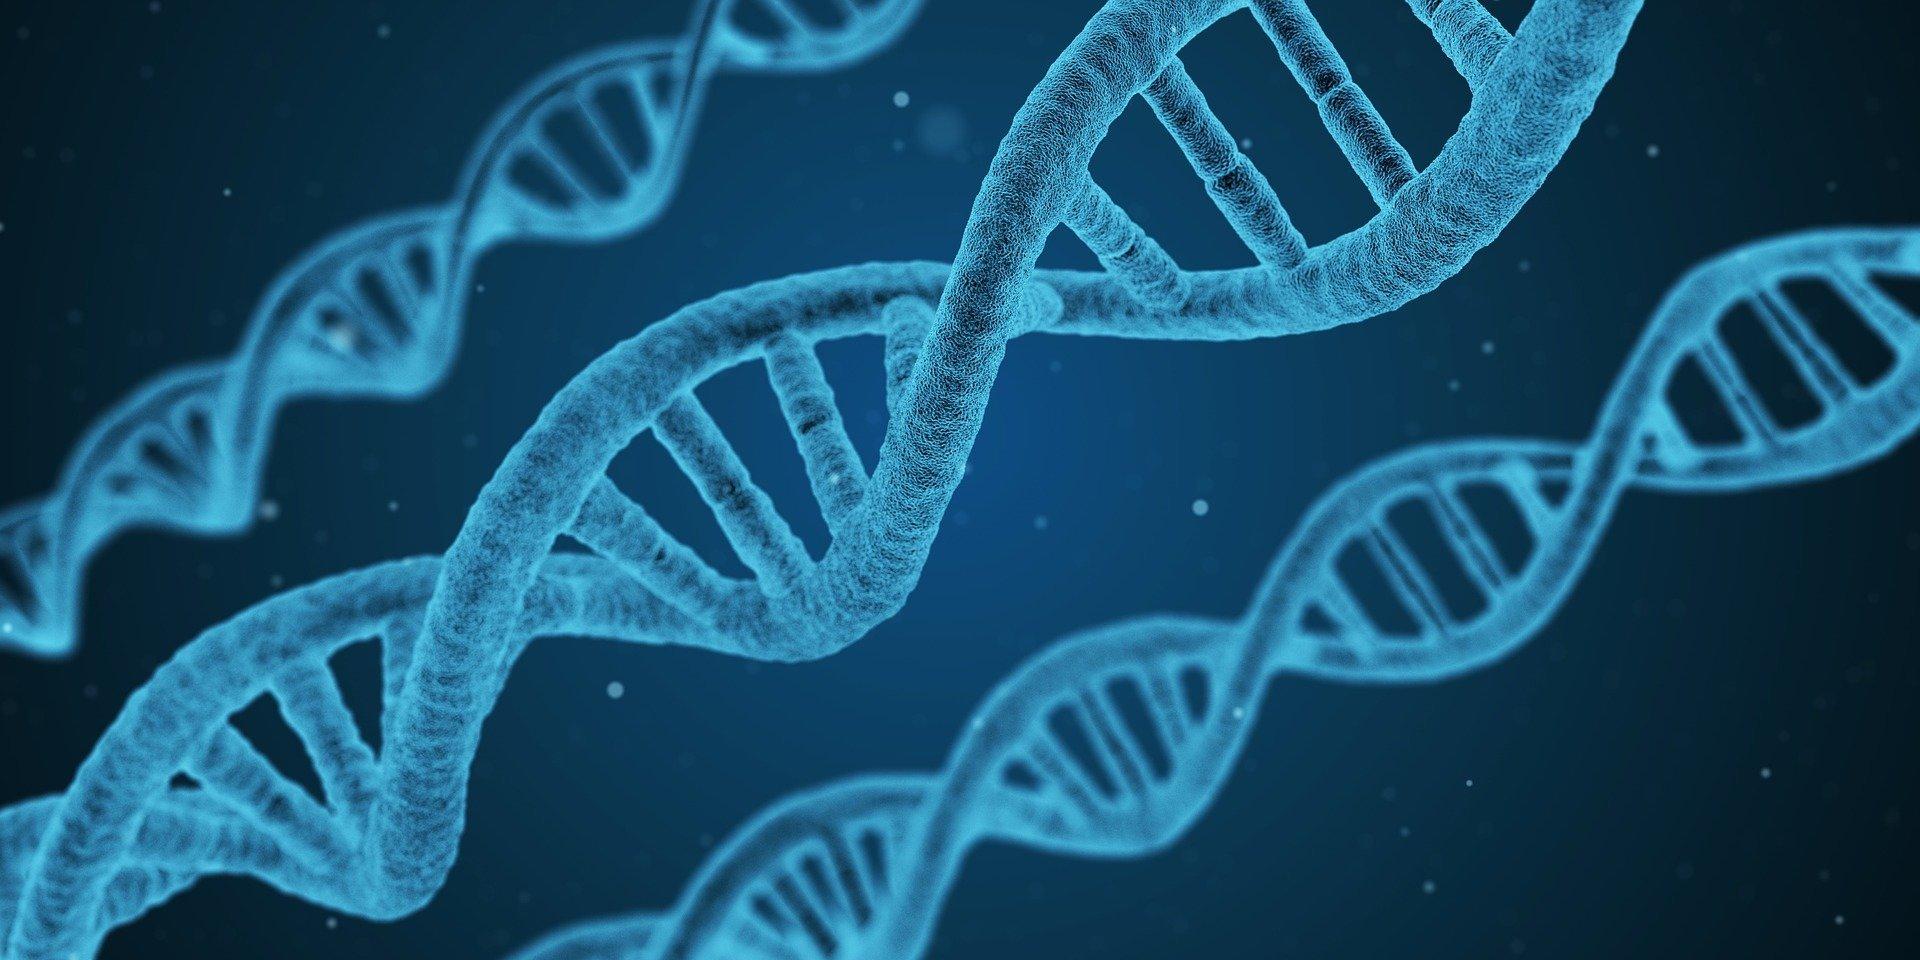 Neue genetische Einsicht könnte helfen, behandeln seltene, schwächende Herz-und Lungen-Zustand